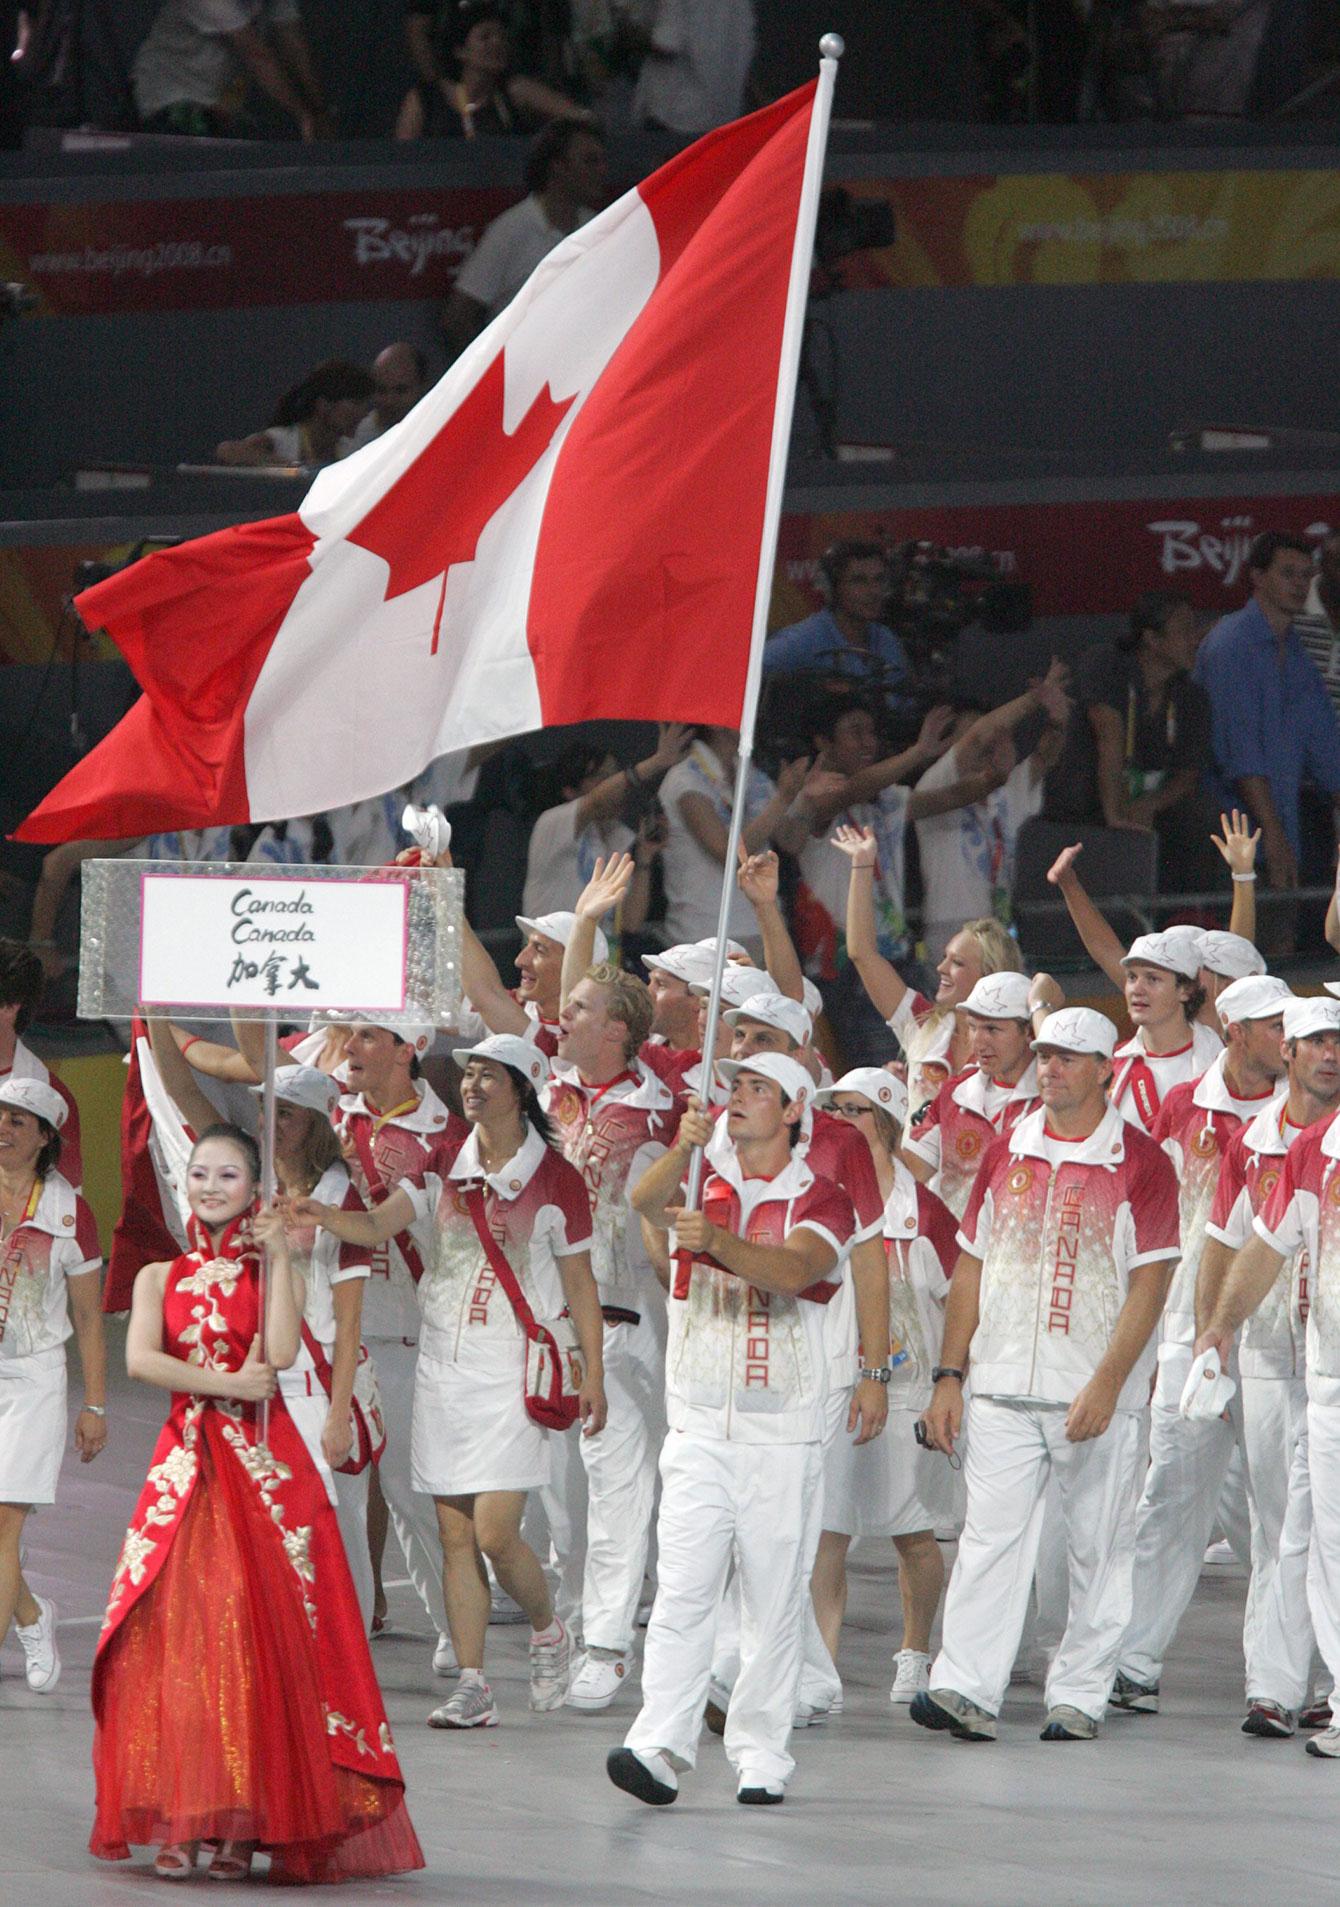 Adam van Koeverden leads Canada into the Bird's Nest at Beijing 2008 Opening Ceremony.